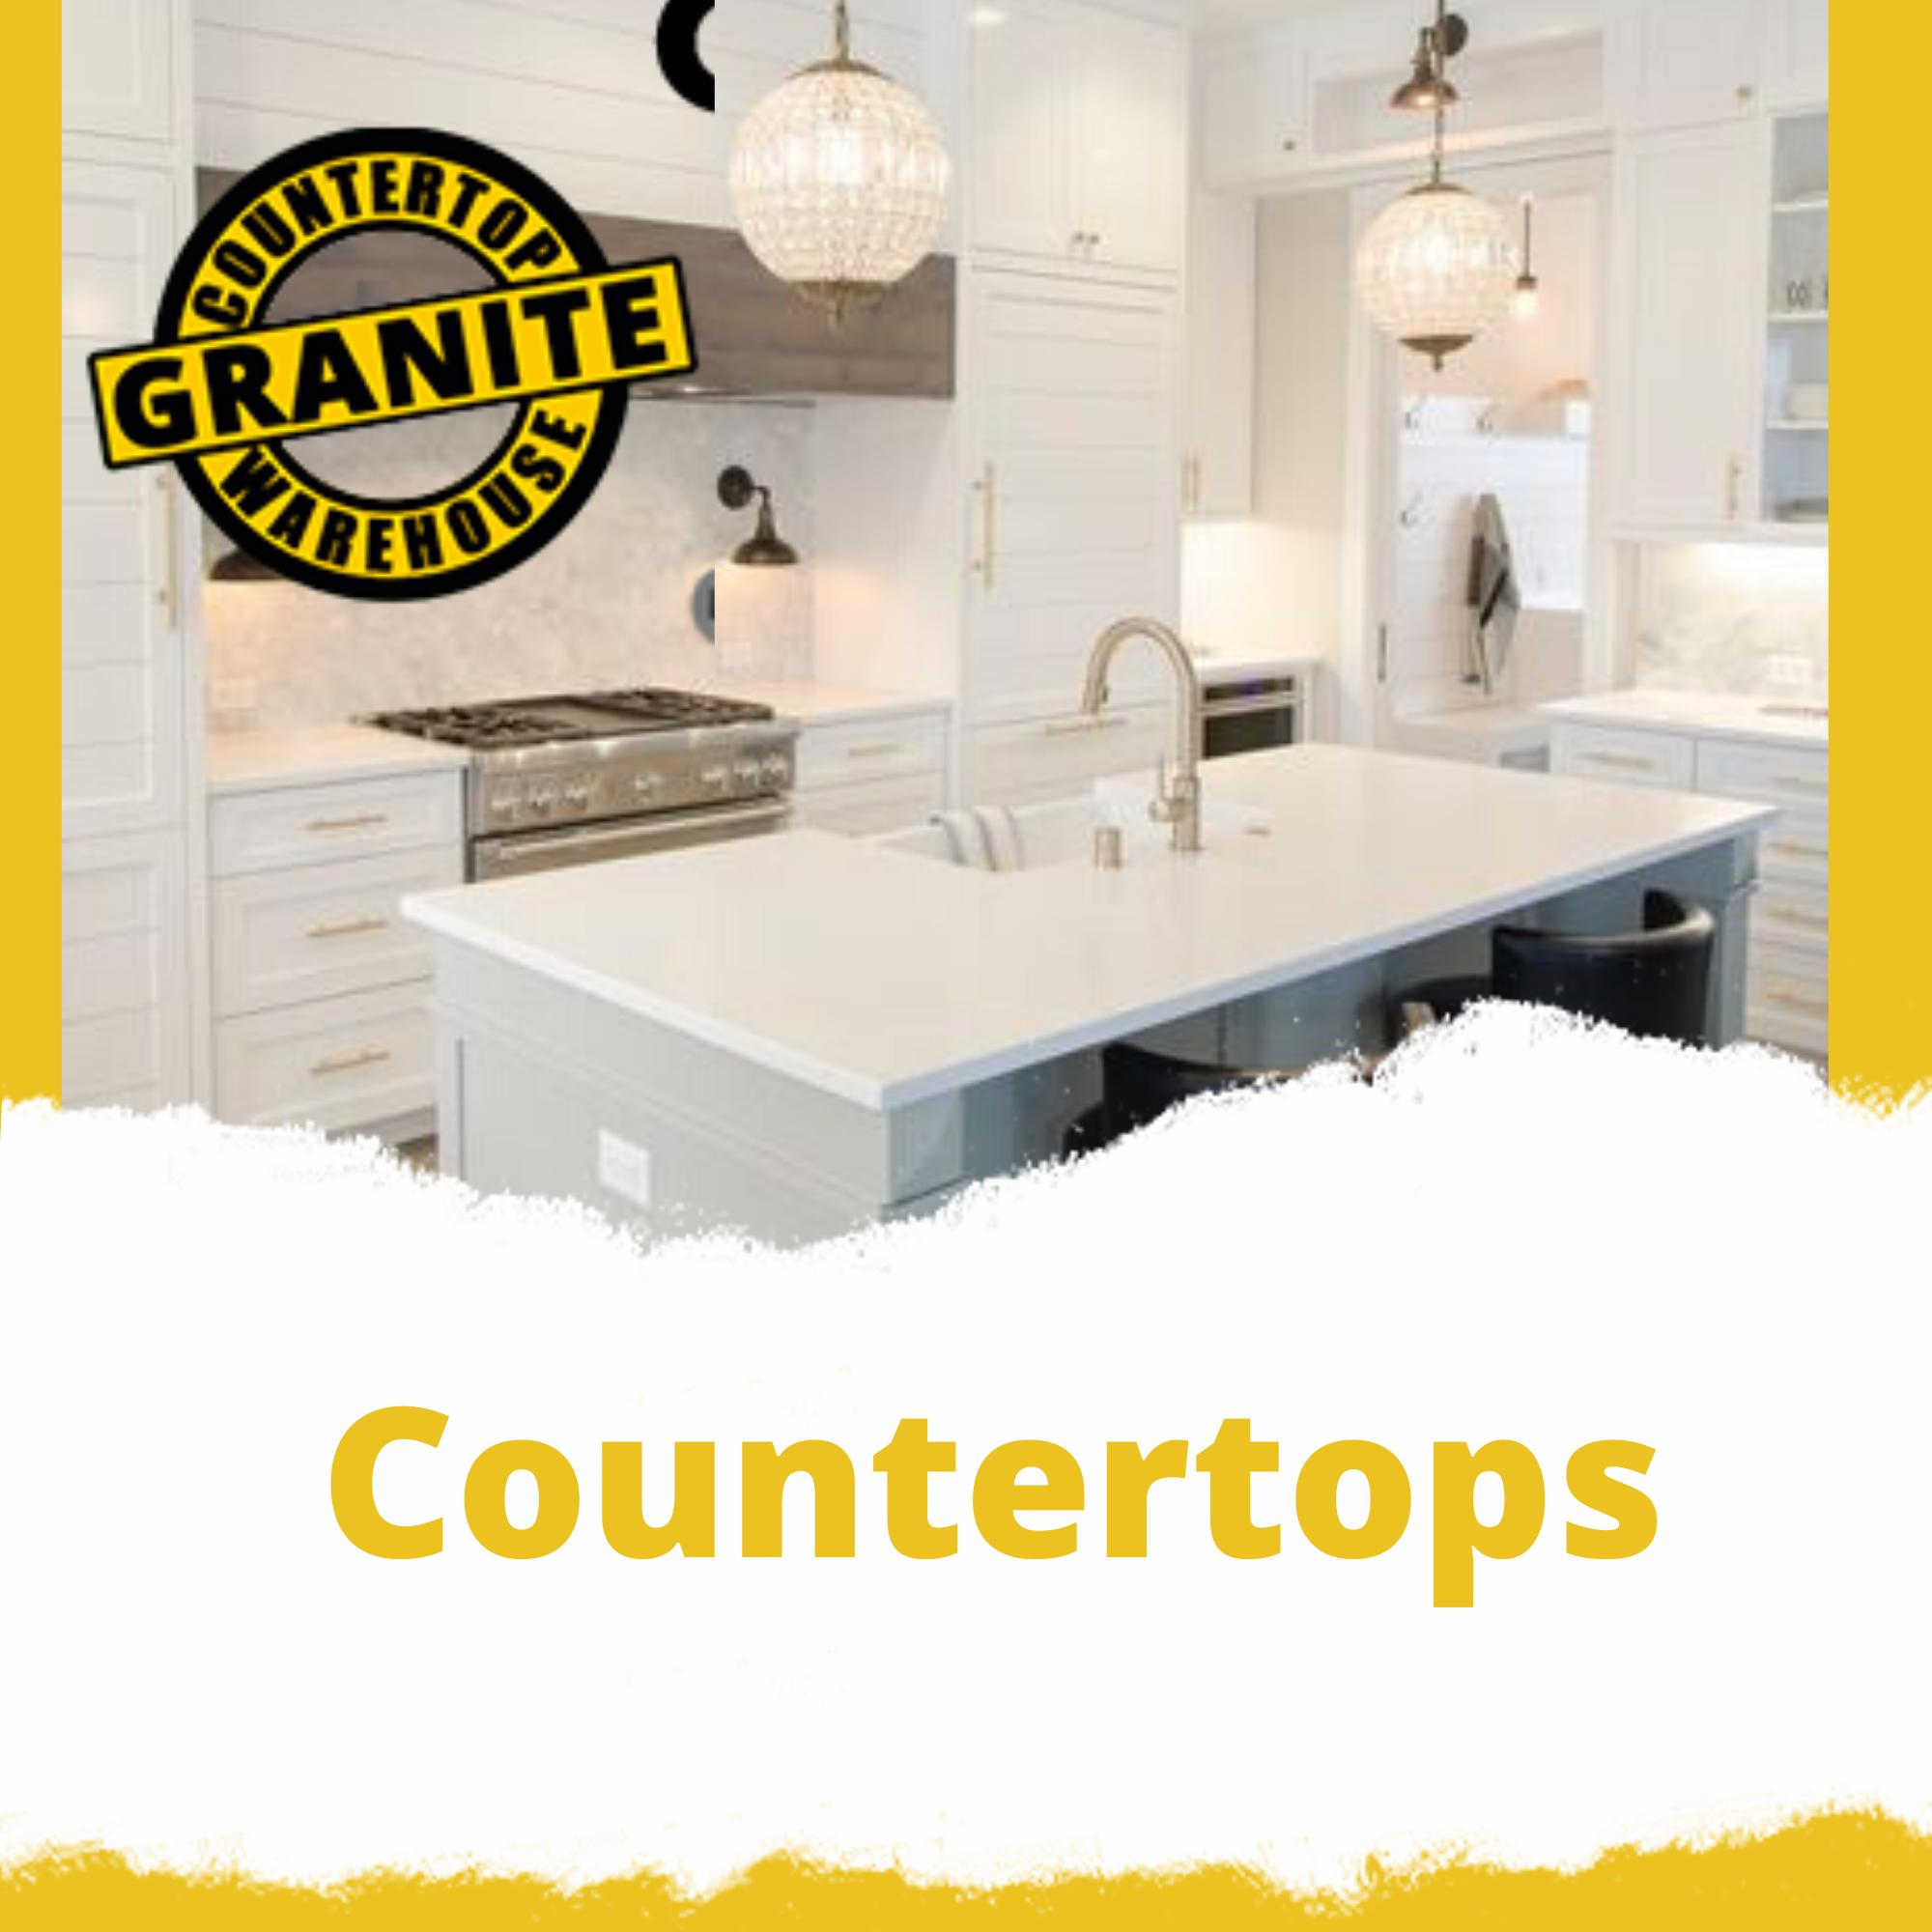 Countertops Countertops Granite Countertops Affordable Granite Countertops